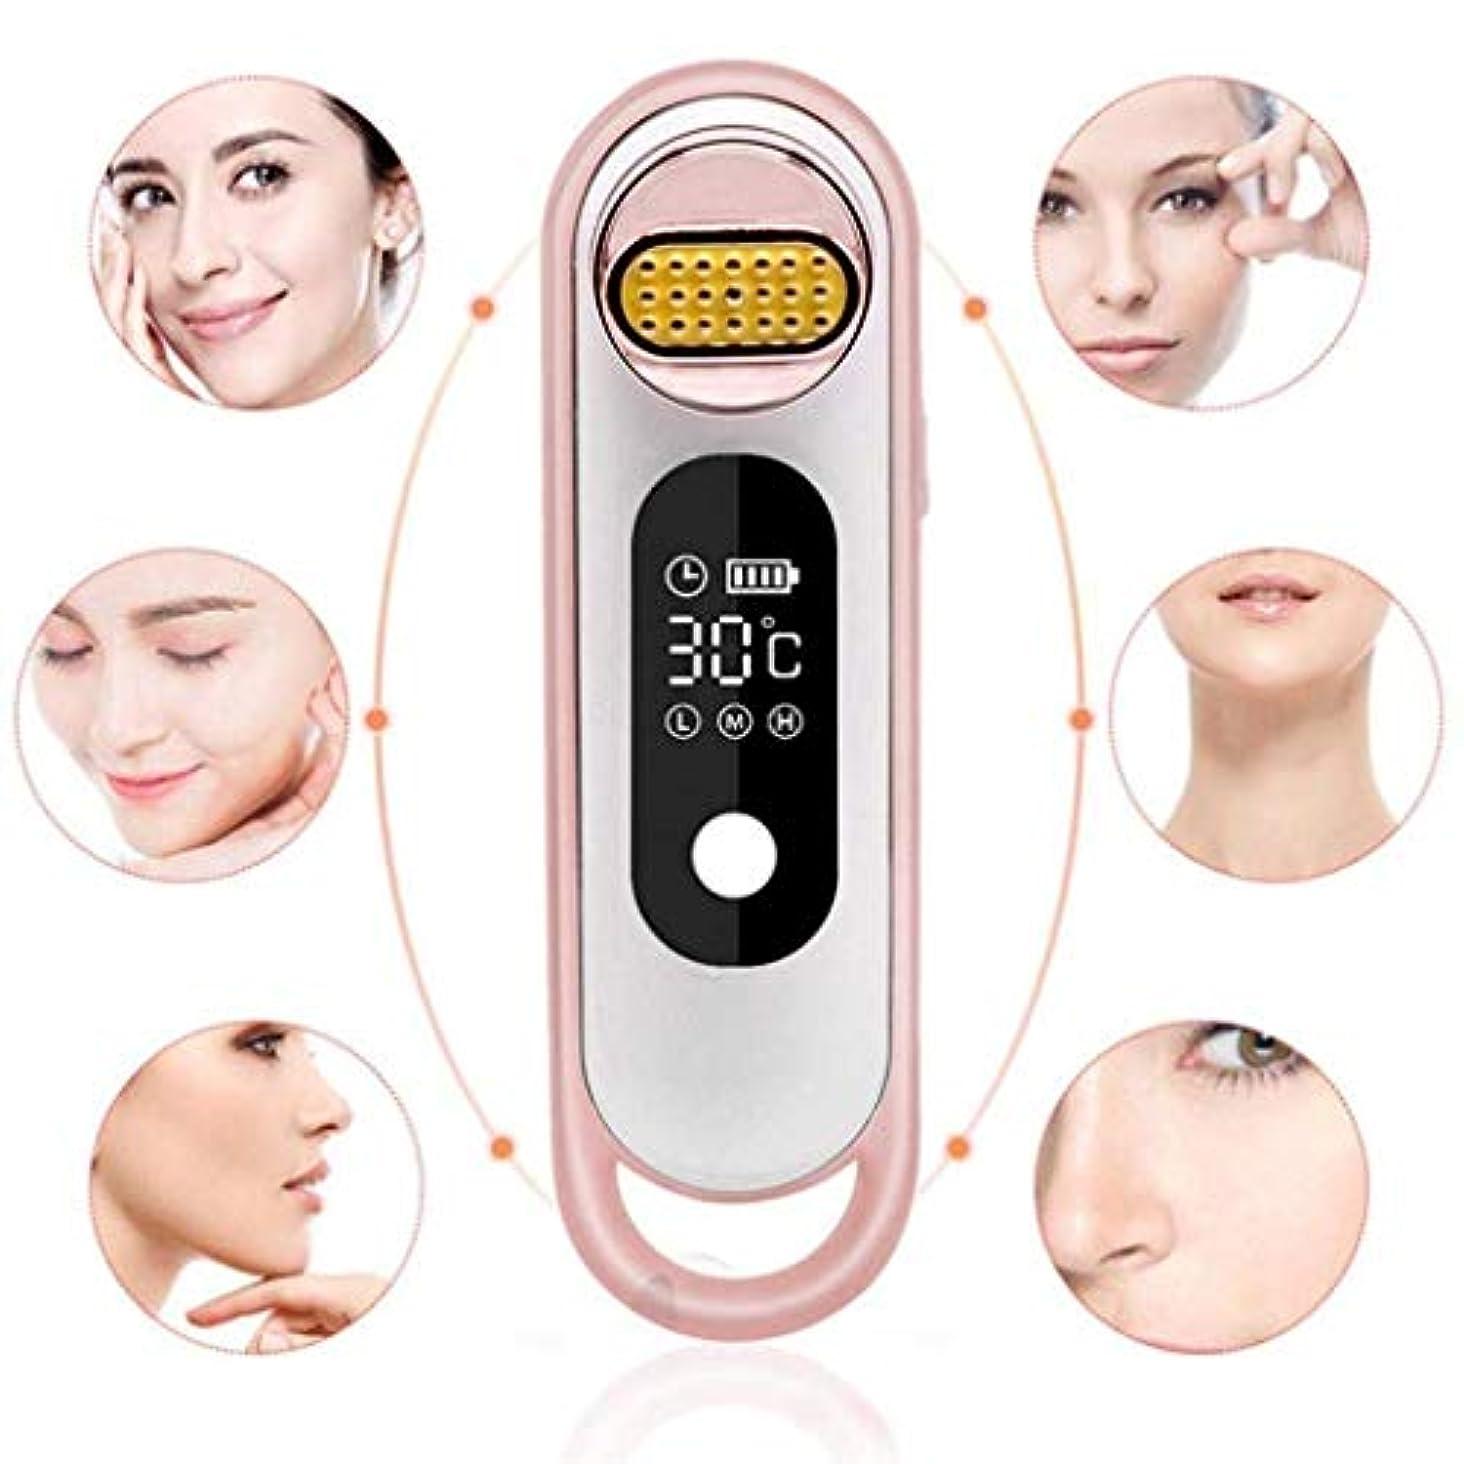 警戒平らな痛みフェイシャルマッサージ、インスタントフェイスリフト用スパビューティーインストゥルメント、しわ、肌の引き締め、携帯用電気ハンドヘルドデバイス